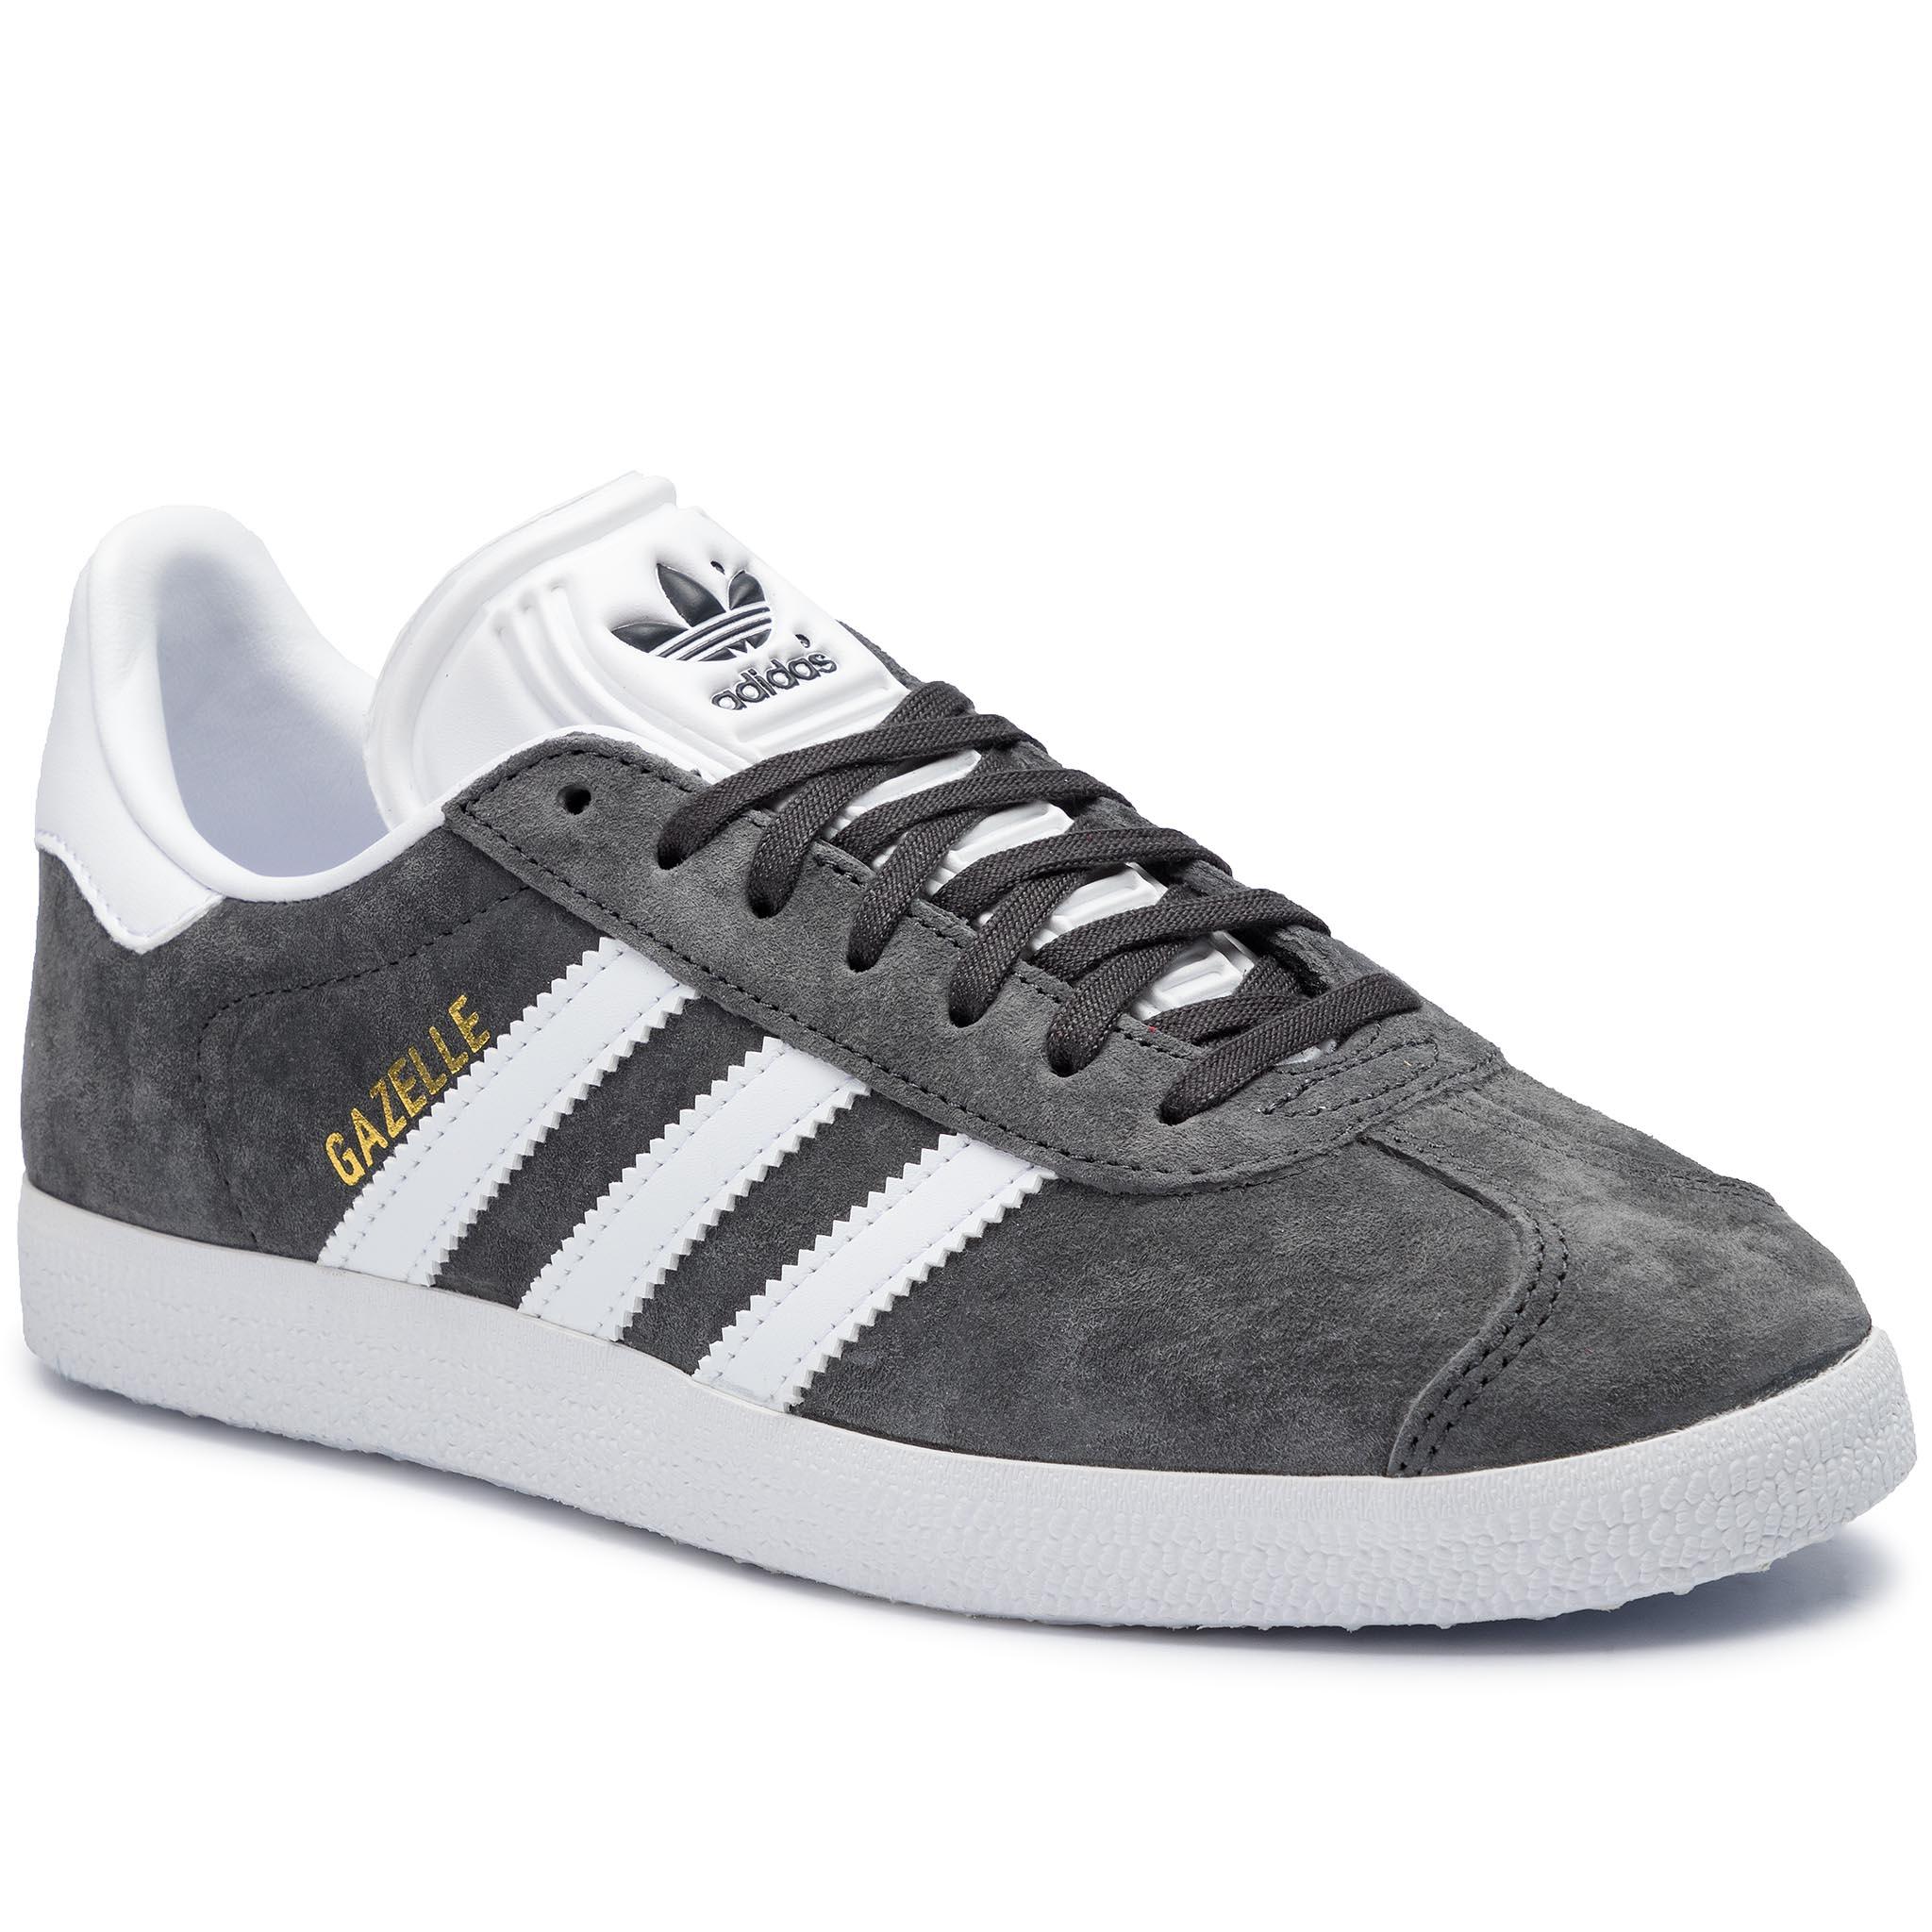 Topánky adidas - Gazelle BB5480 Dgsogr/White/Goldmt